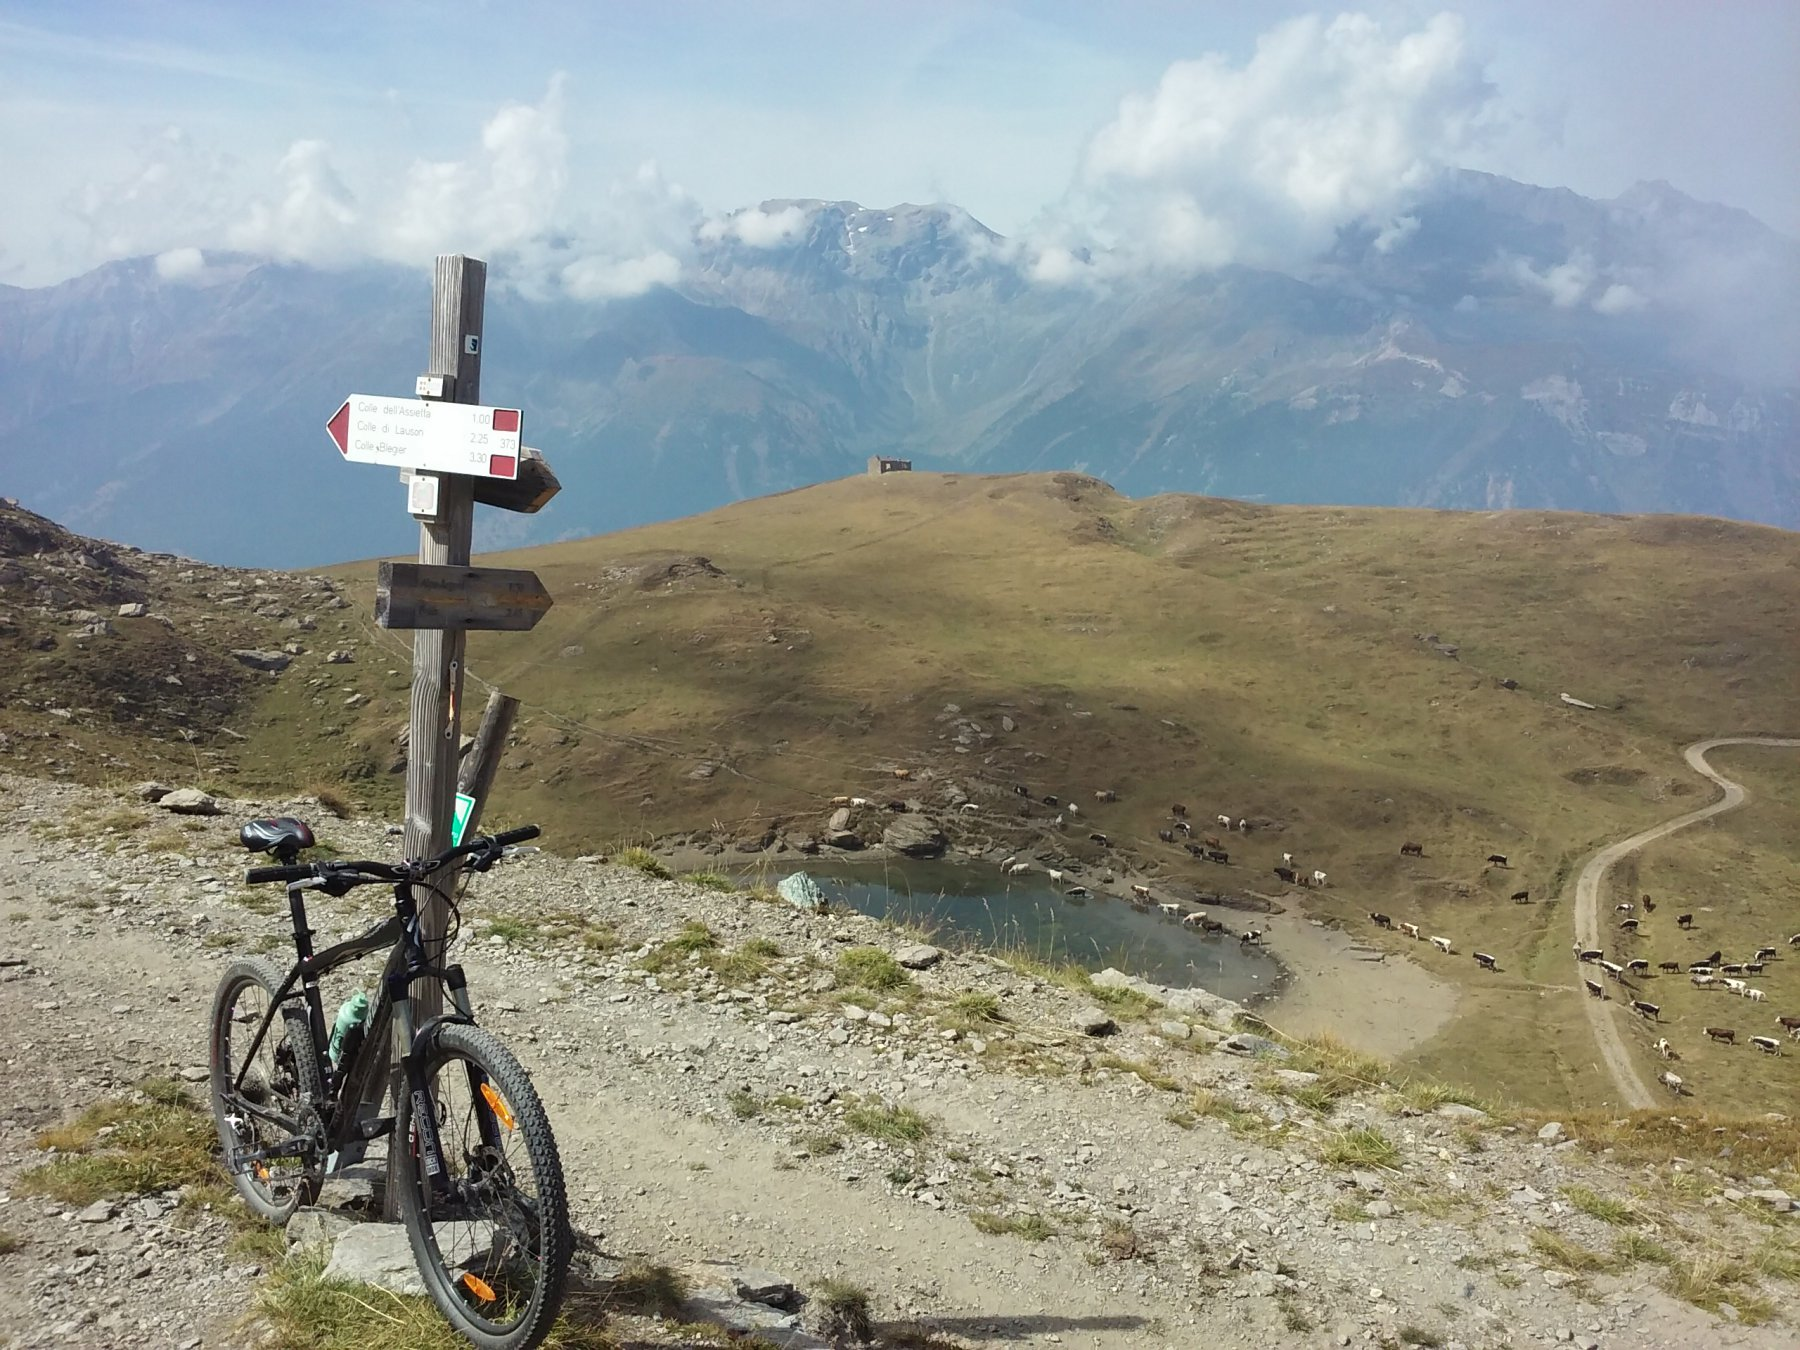 Al Gran Serin, il bivio per l'alpe Arguel e il Frais.